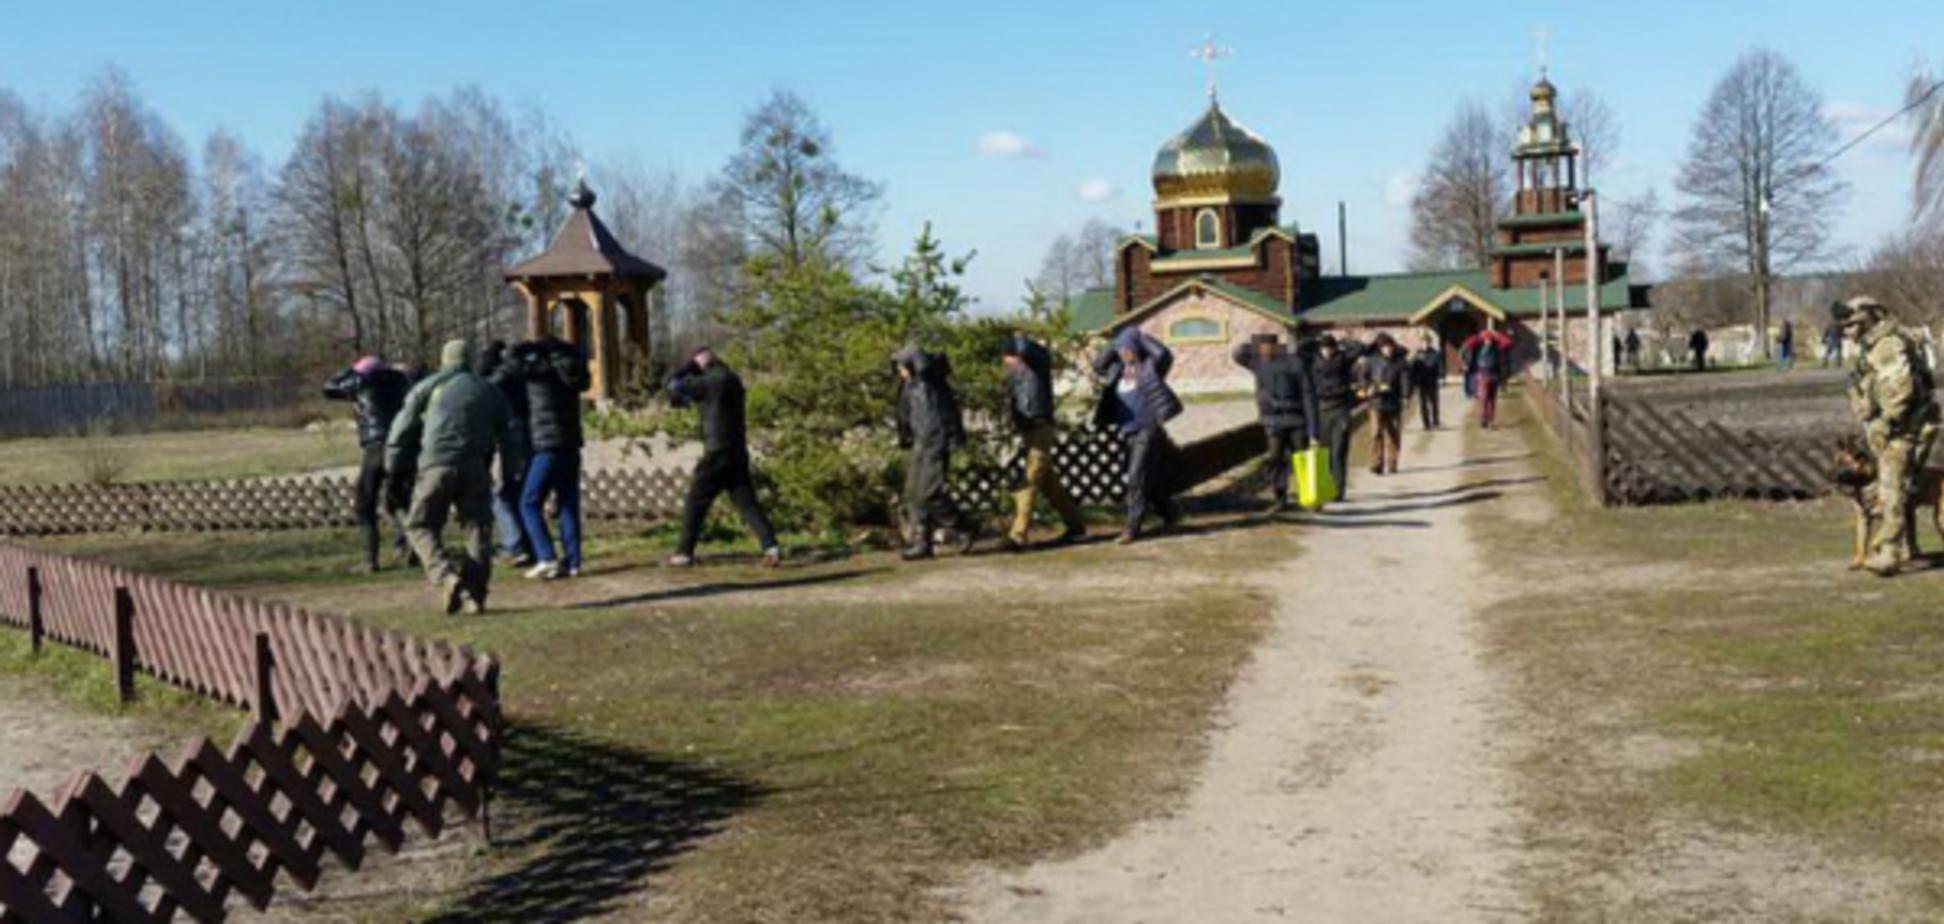 Реабилитационный центр для наркозависимых в Косачевке